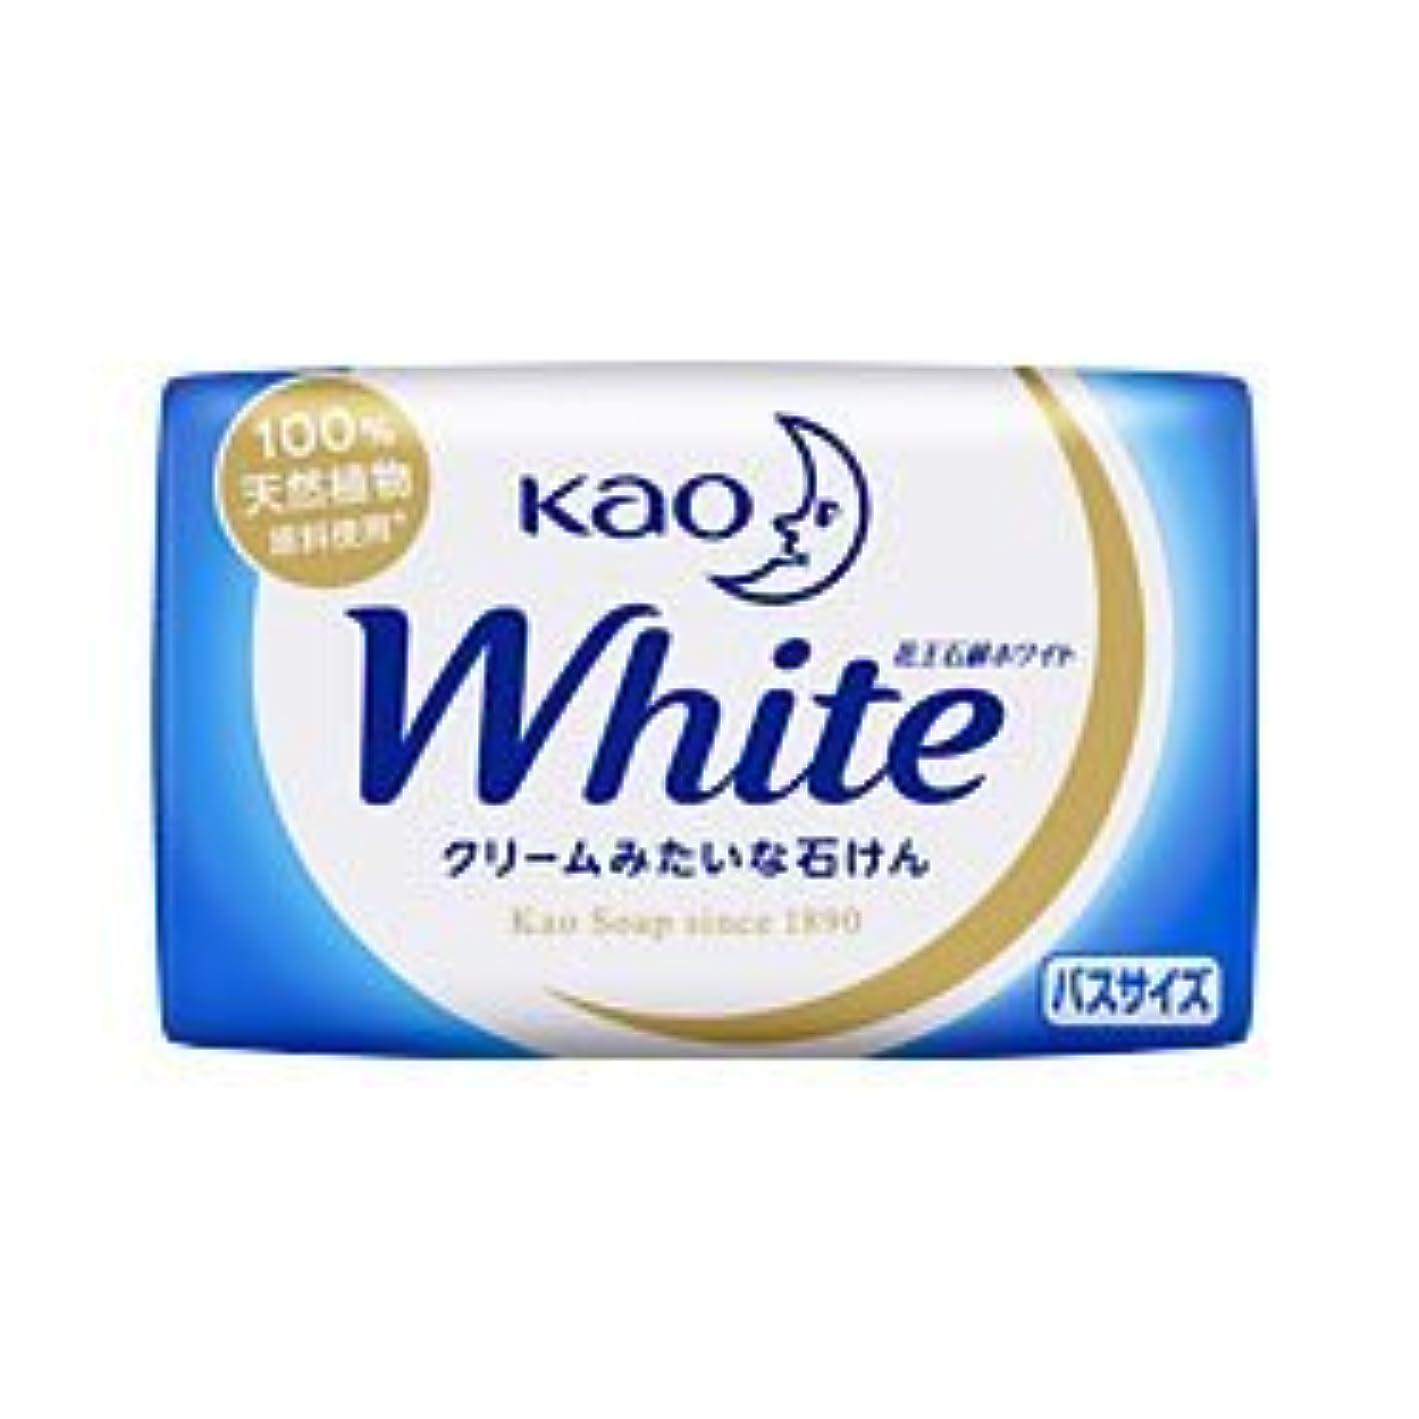 火山のソファー弾性【花王】花王ホワイト バスサイズ 1個 130g ×10個セット